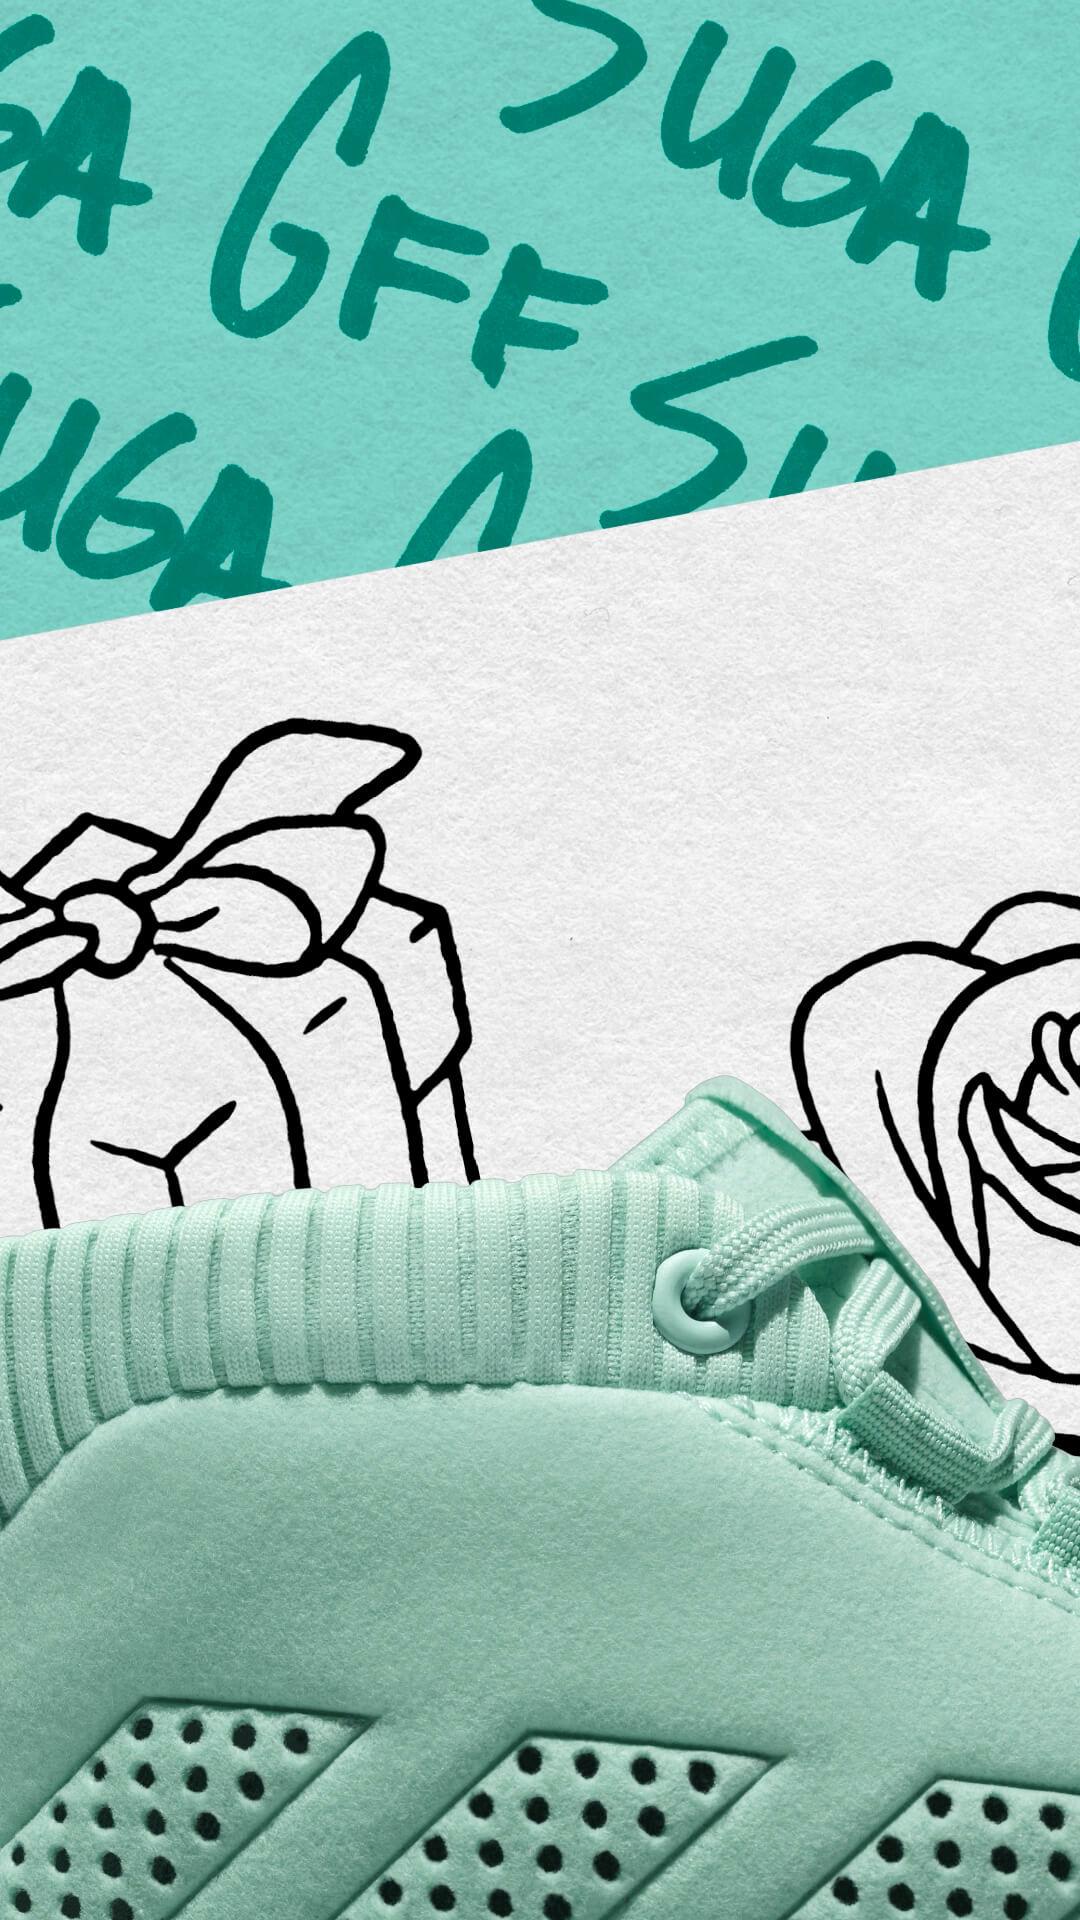 Adidas_Dame5_SugaGee_IGS_v01_00181-00182